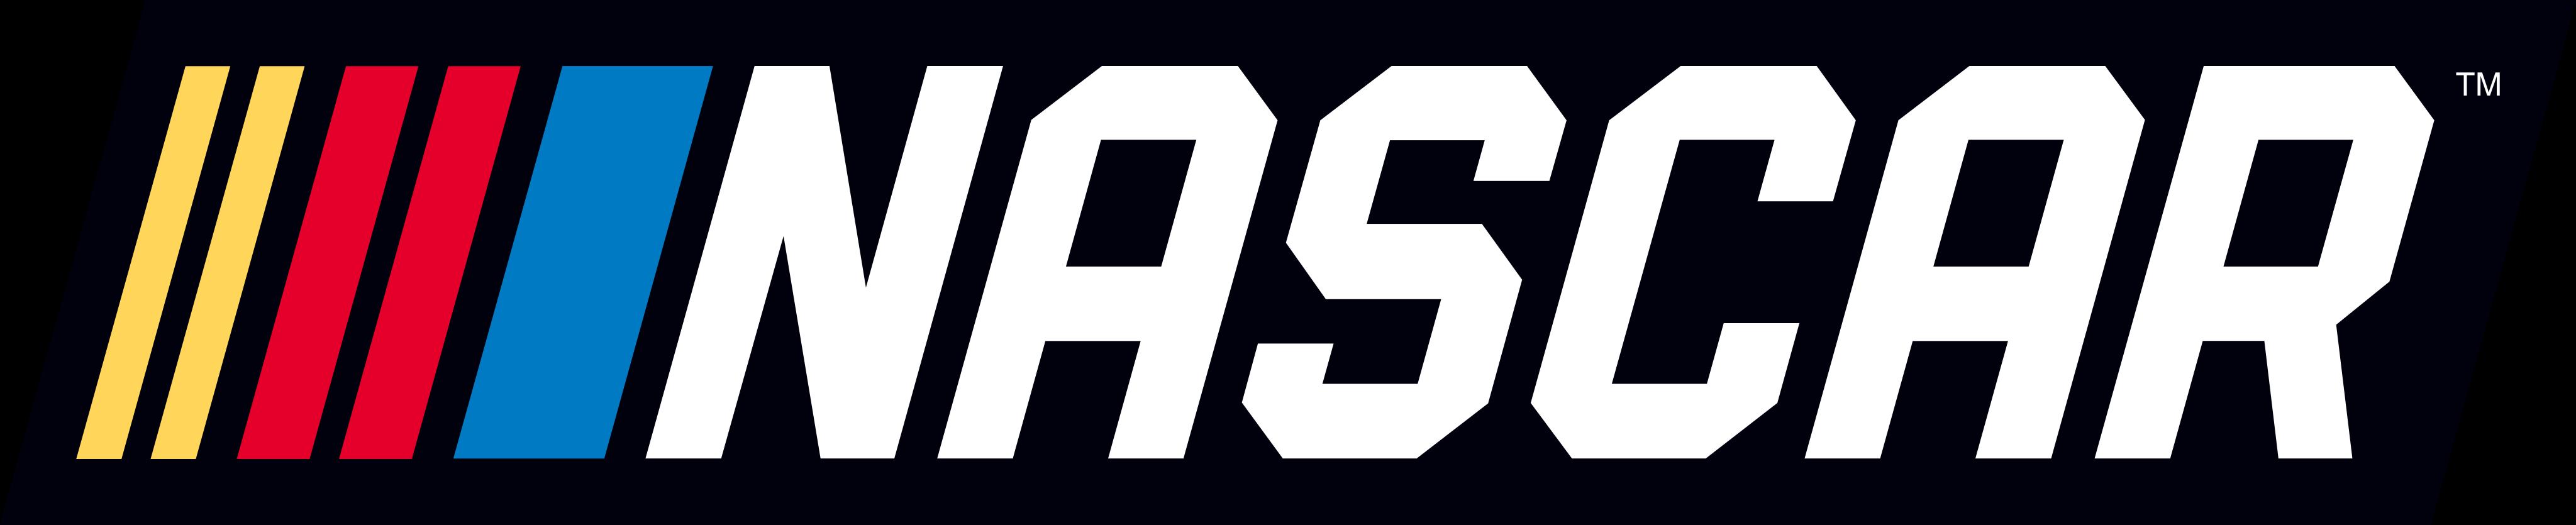 NASCAR Logo.